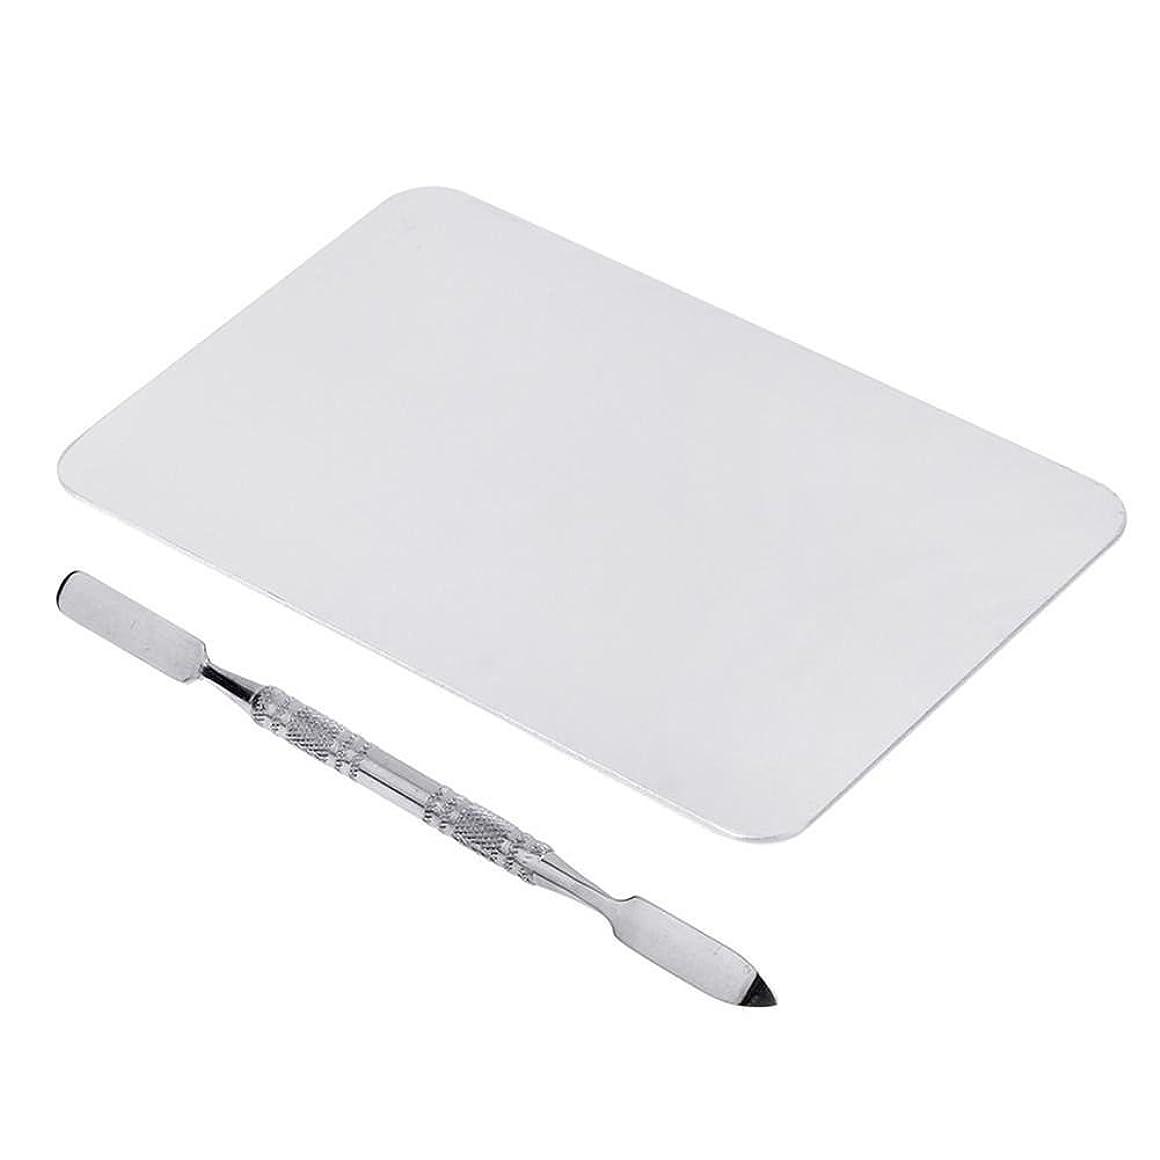 月曜脚本インフラNrpfell 2色のメイクパレットマニキュア、メイクアップ、アイシャドウパレットパレットセット12cm